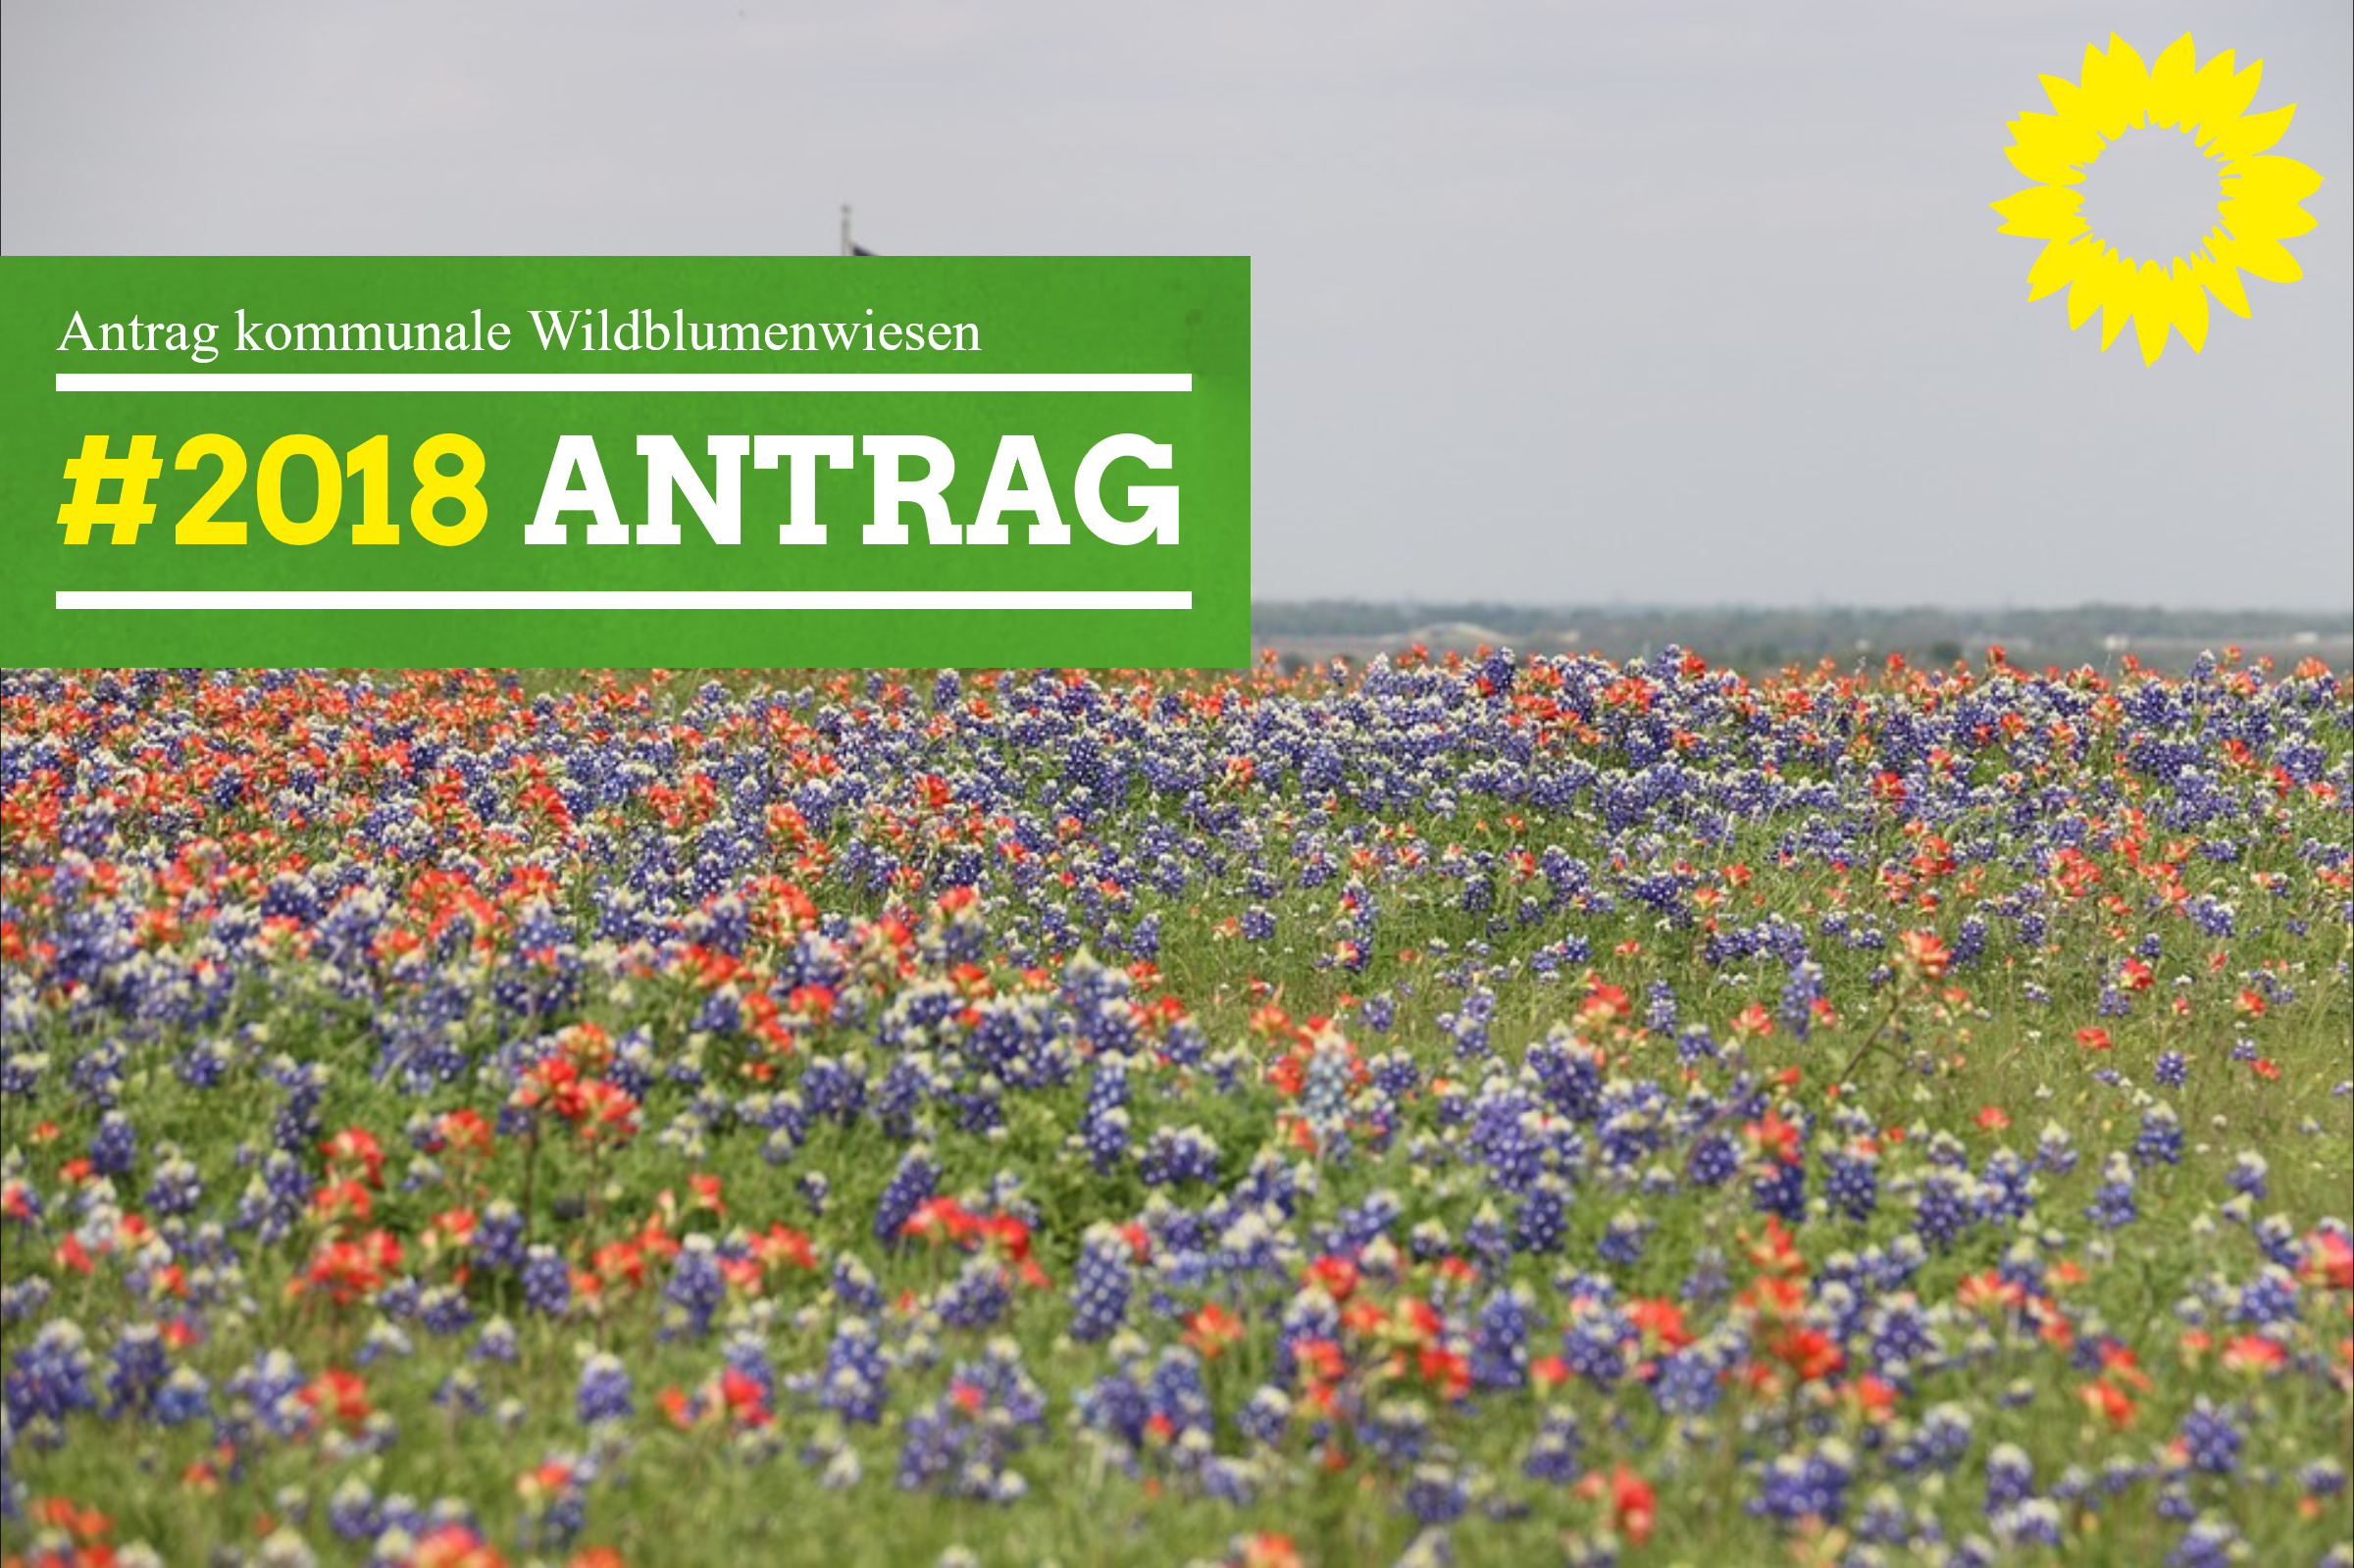 Antrag kommunale Wildblumenwiesen